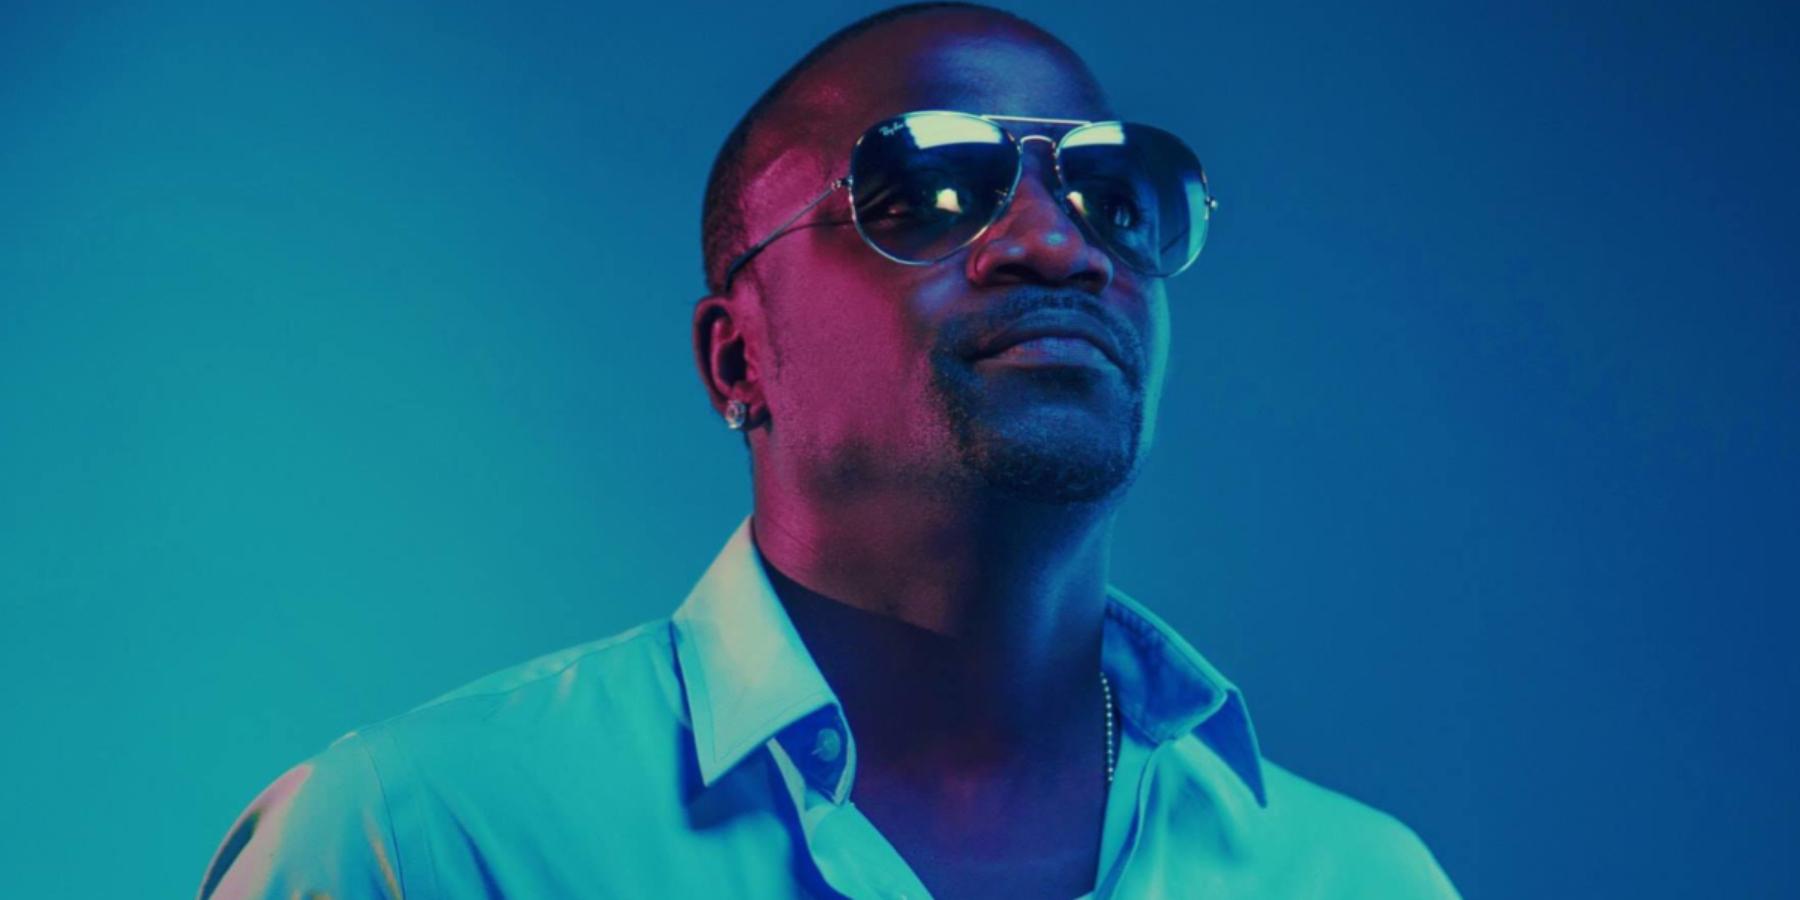 Akon wybuduje miasta oparte oblockchain ienergię odnawialną wAfryce. Smart city zdominują Czarny Ląd?